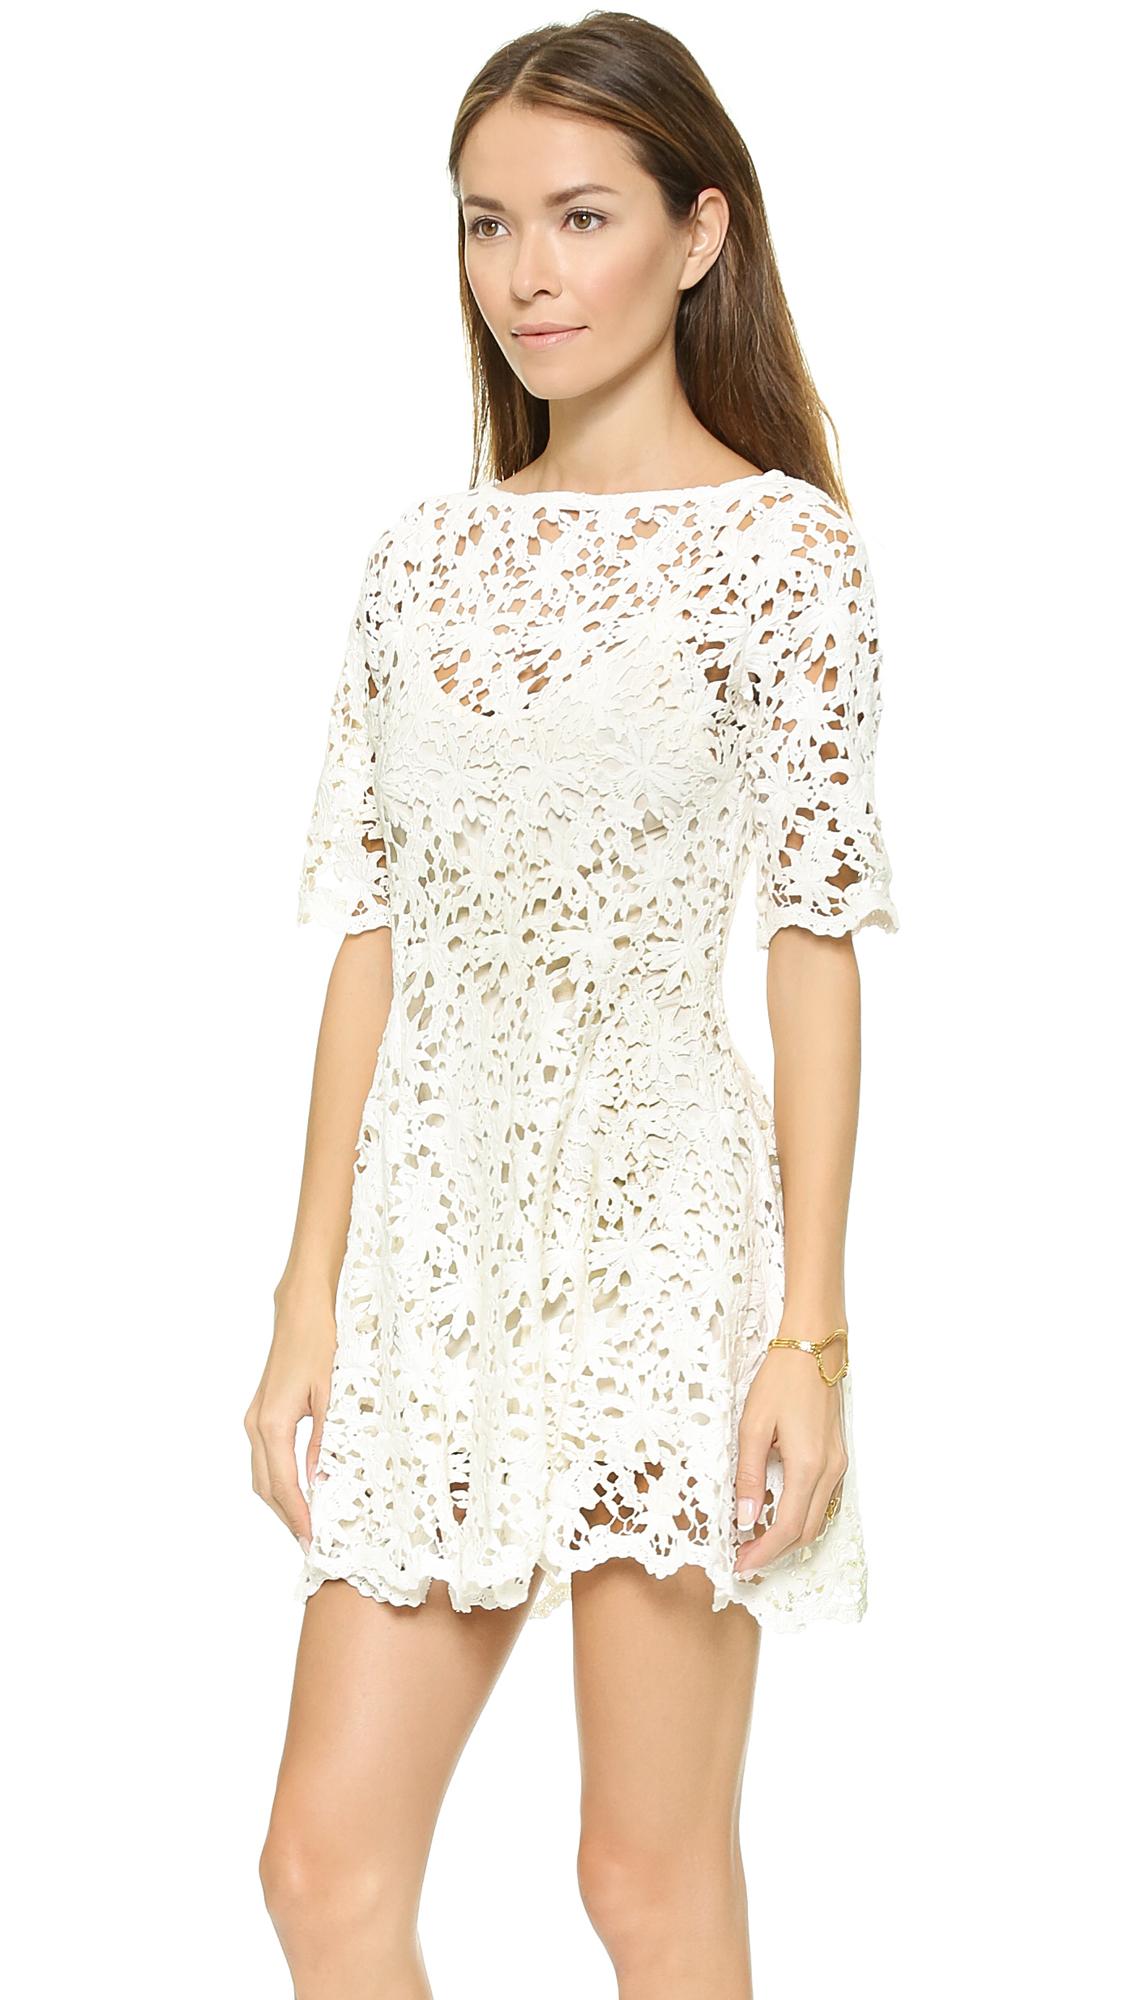 Nightcap Daisy Crochet Fit Amp Flare Dress White In White